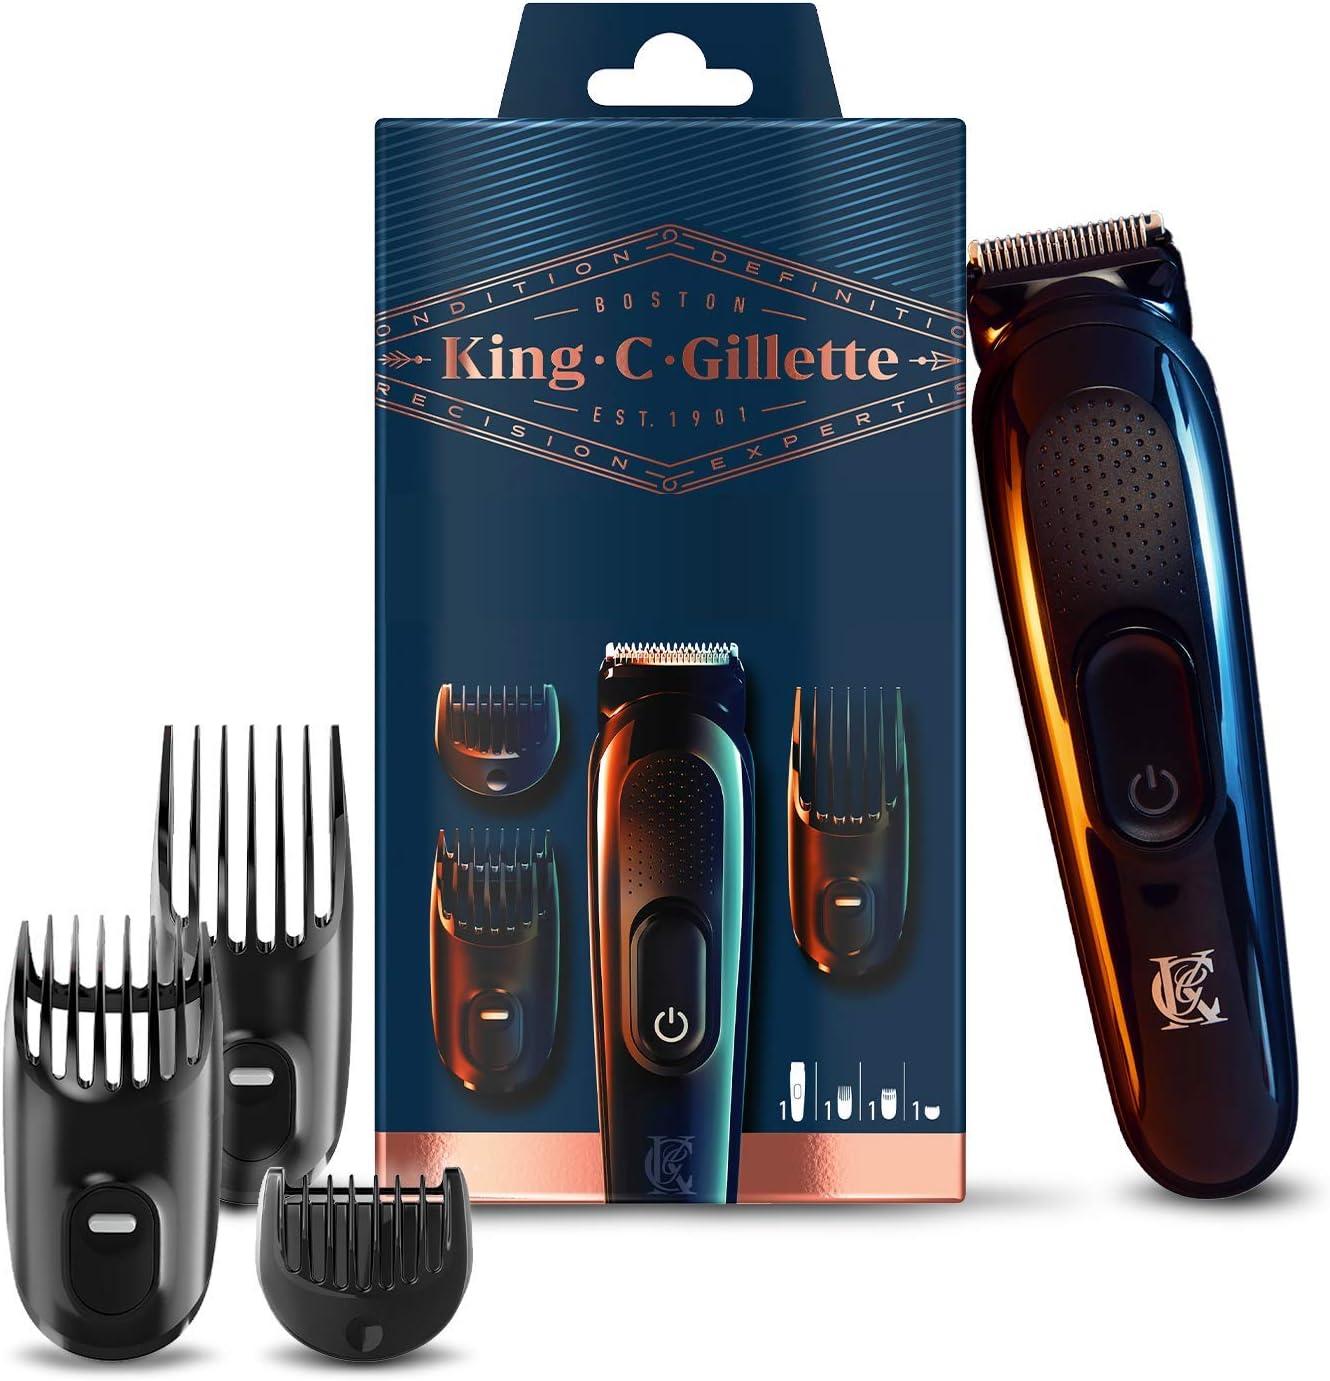 King C. Gillette Recortadora de Barba y Cortapelos Inalámbrica, con Cuchillas de Larga Duración + 3 Peines Intercambiables, Regalos Originales para Hombre